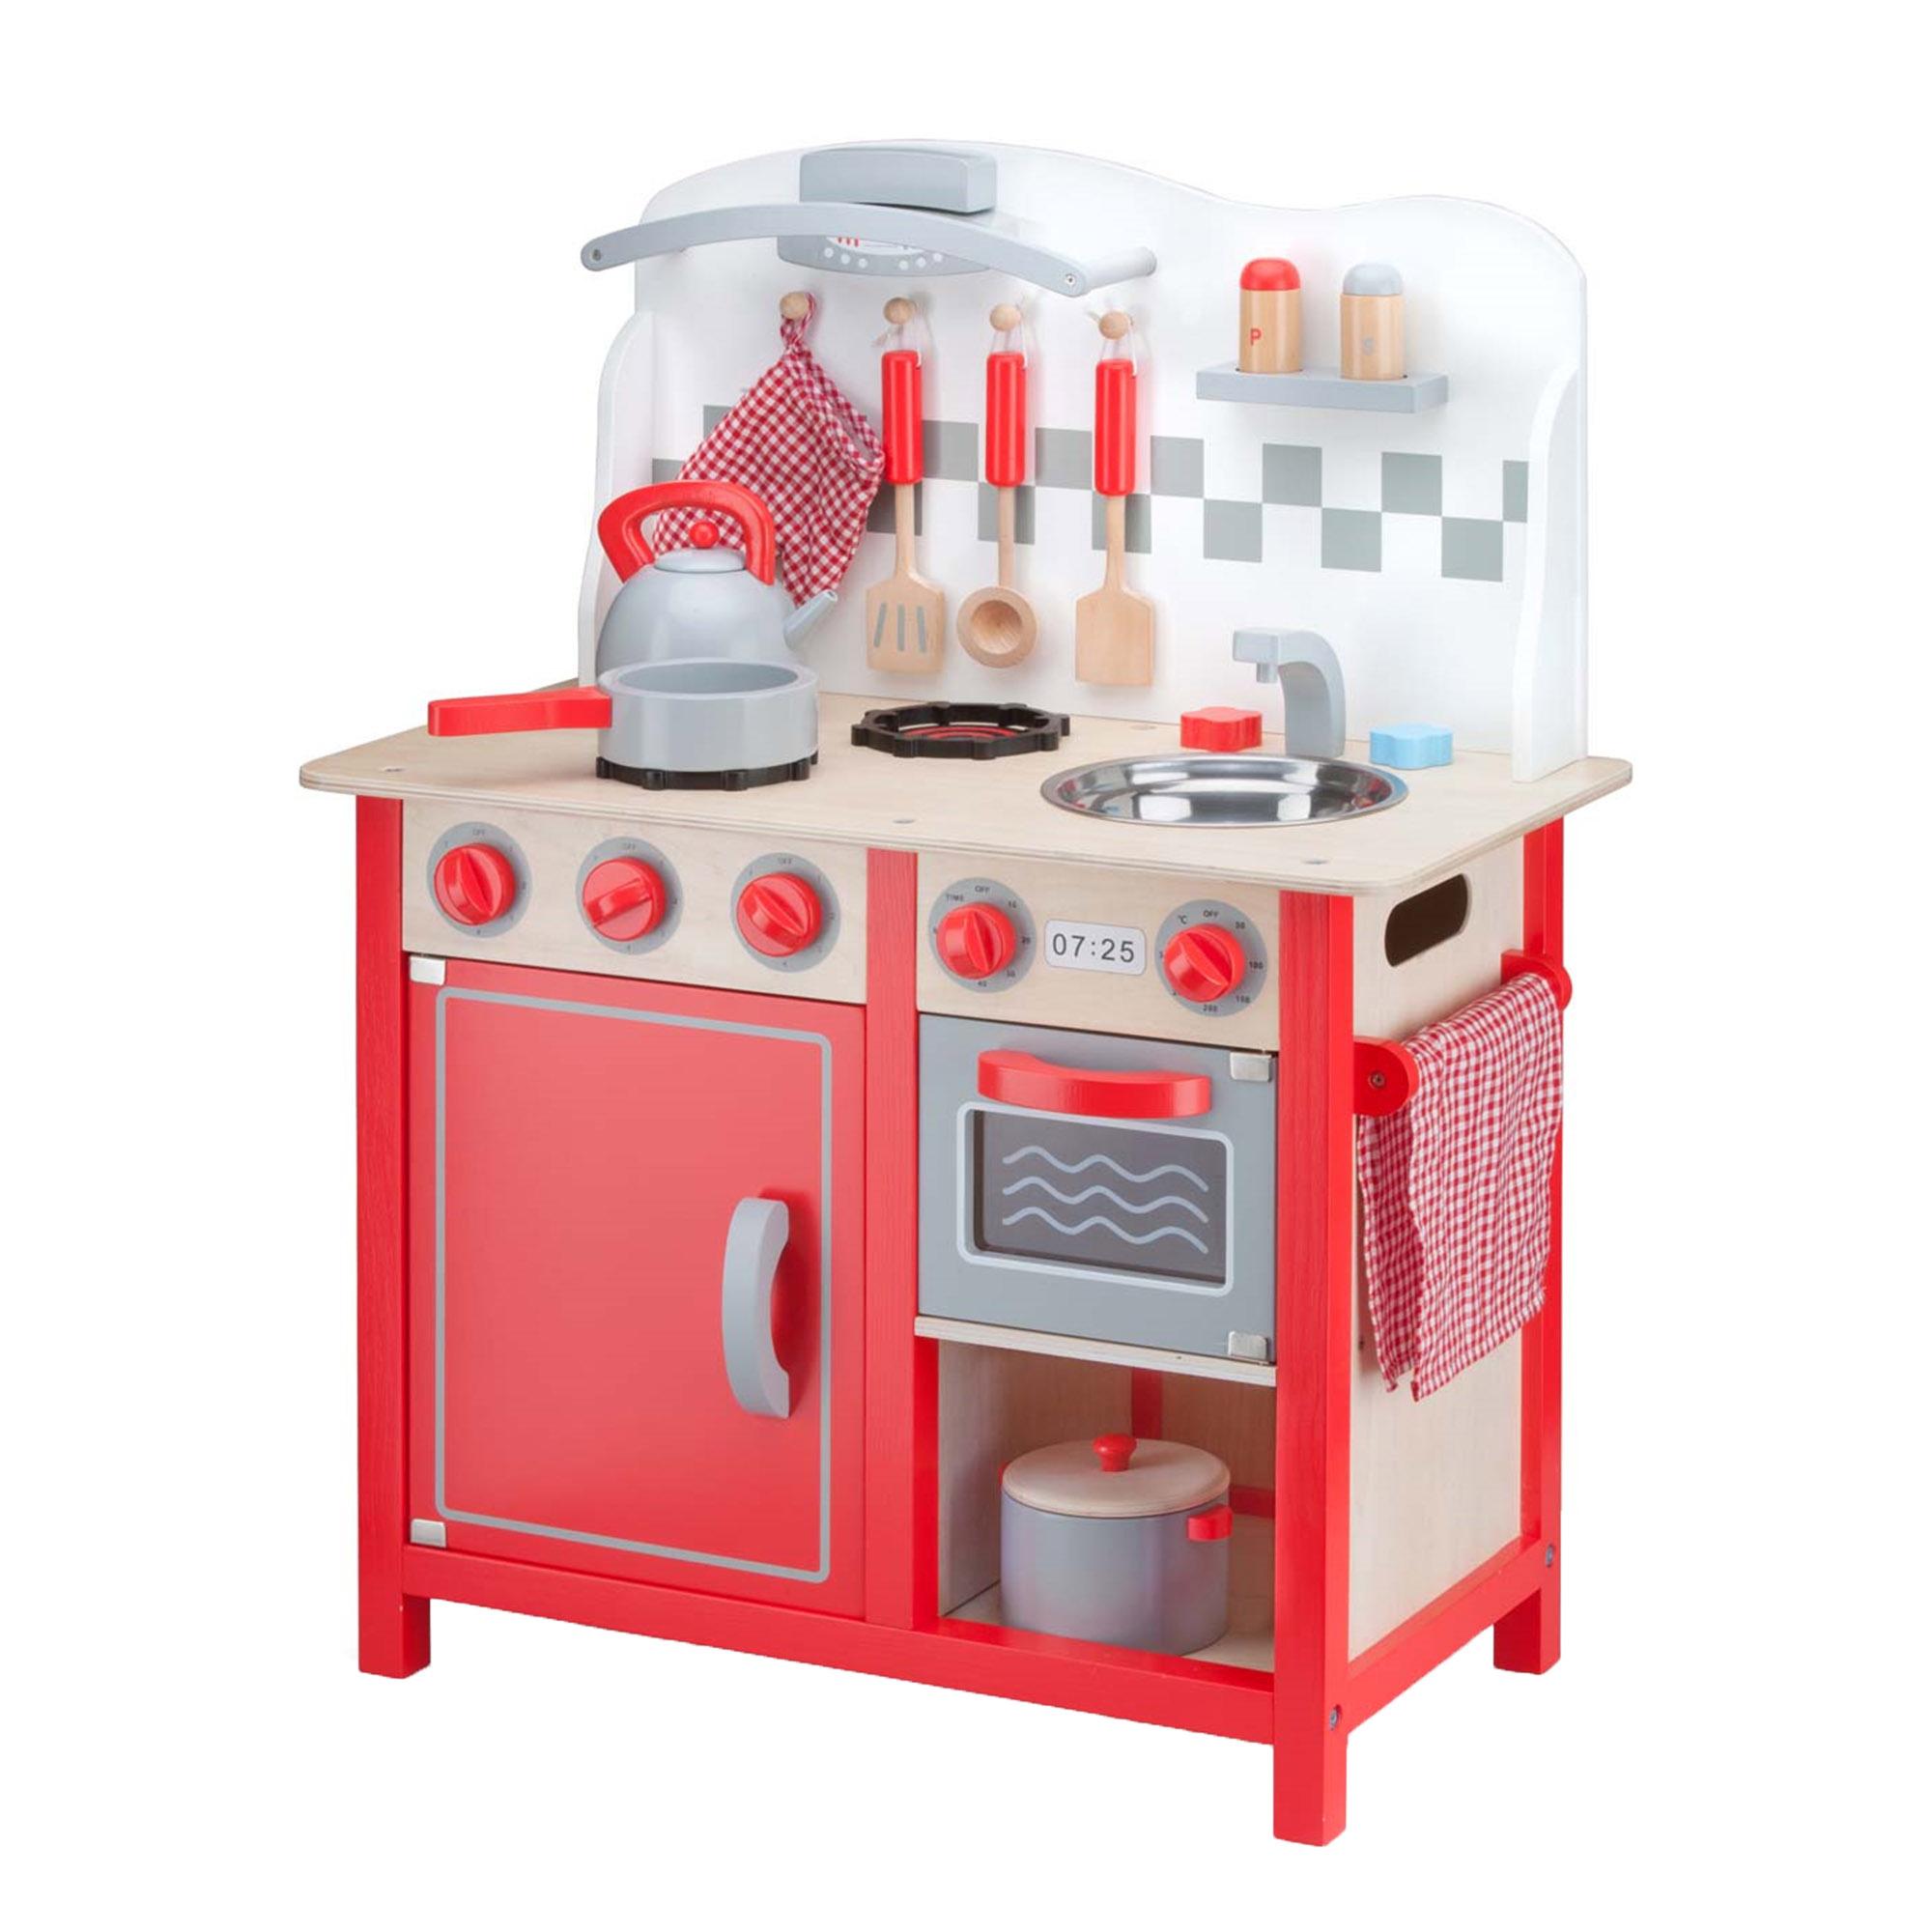 Кухня New Classic с микроволновкой 11060 78 см фото